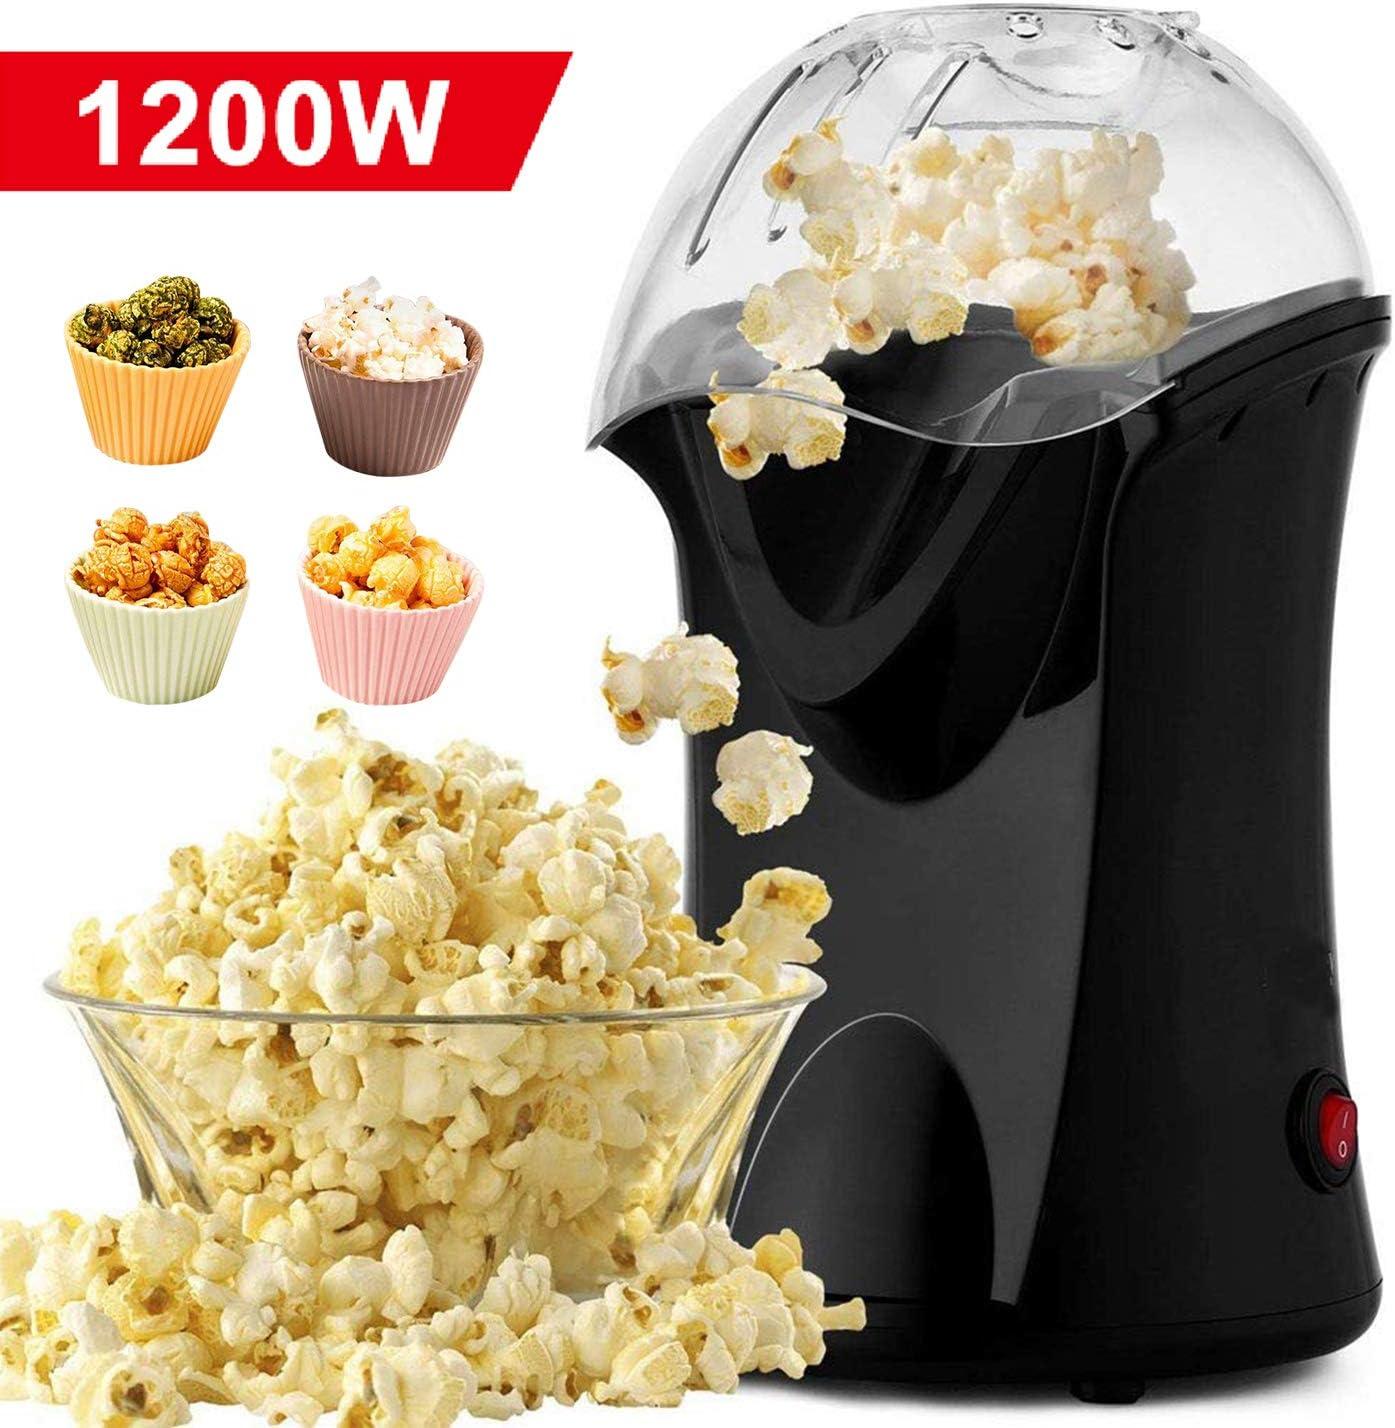 Homdox Hot Air Popper Popcorn Maker